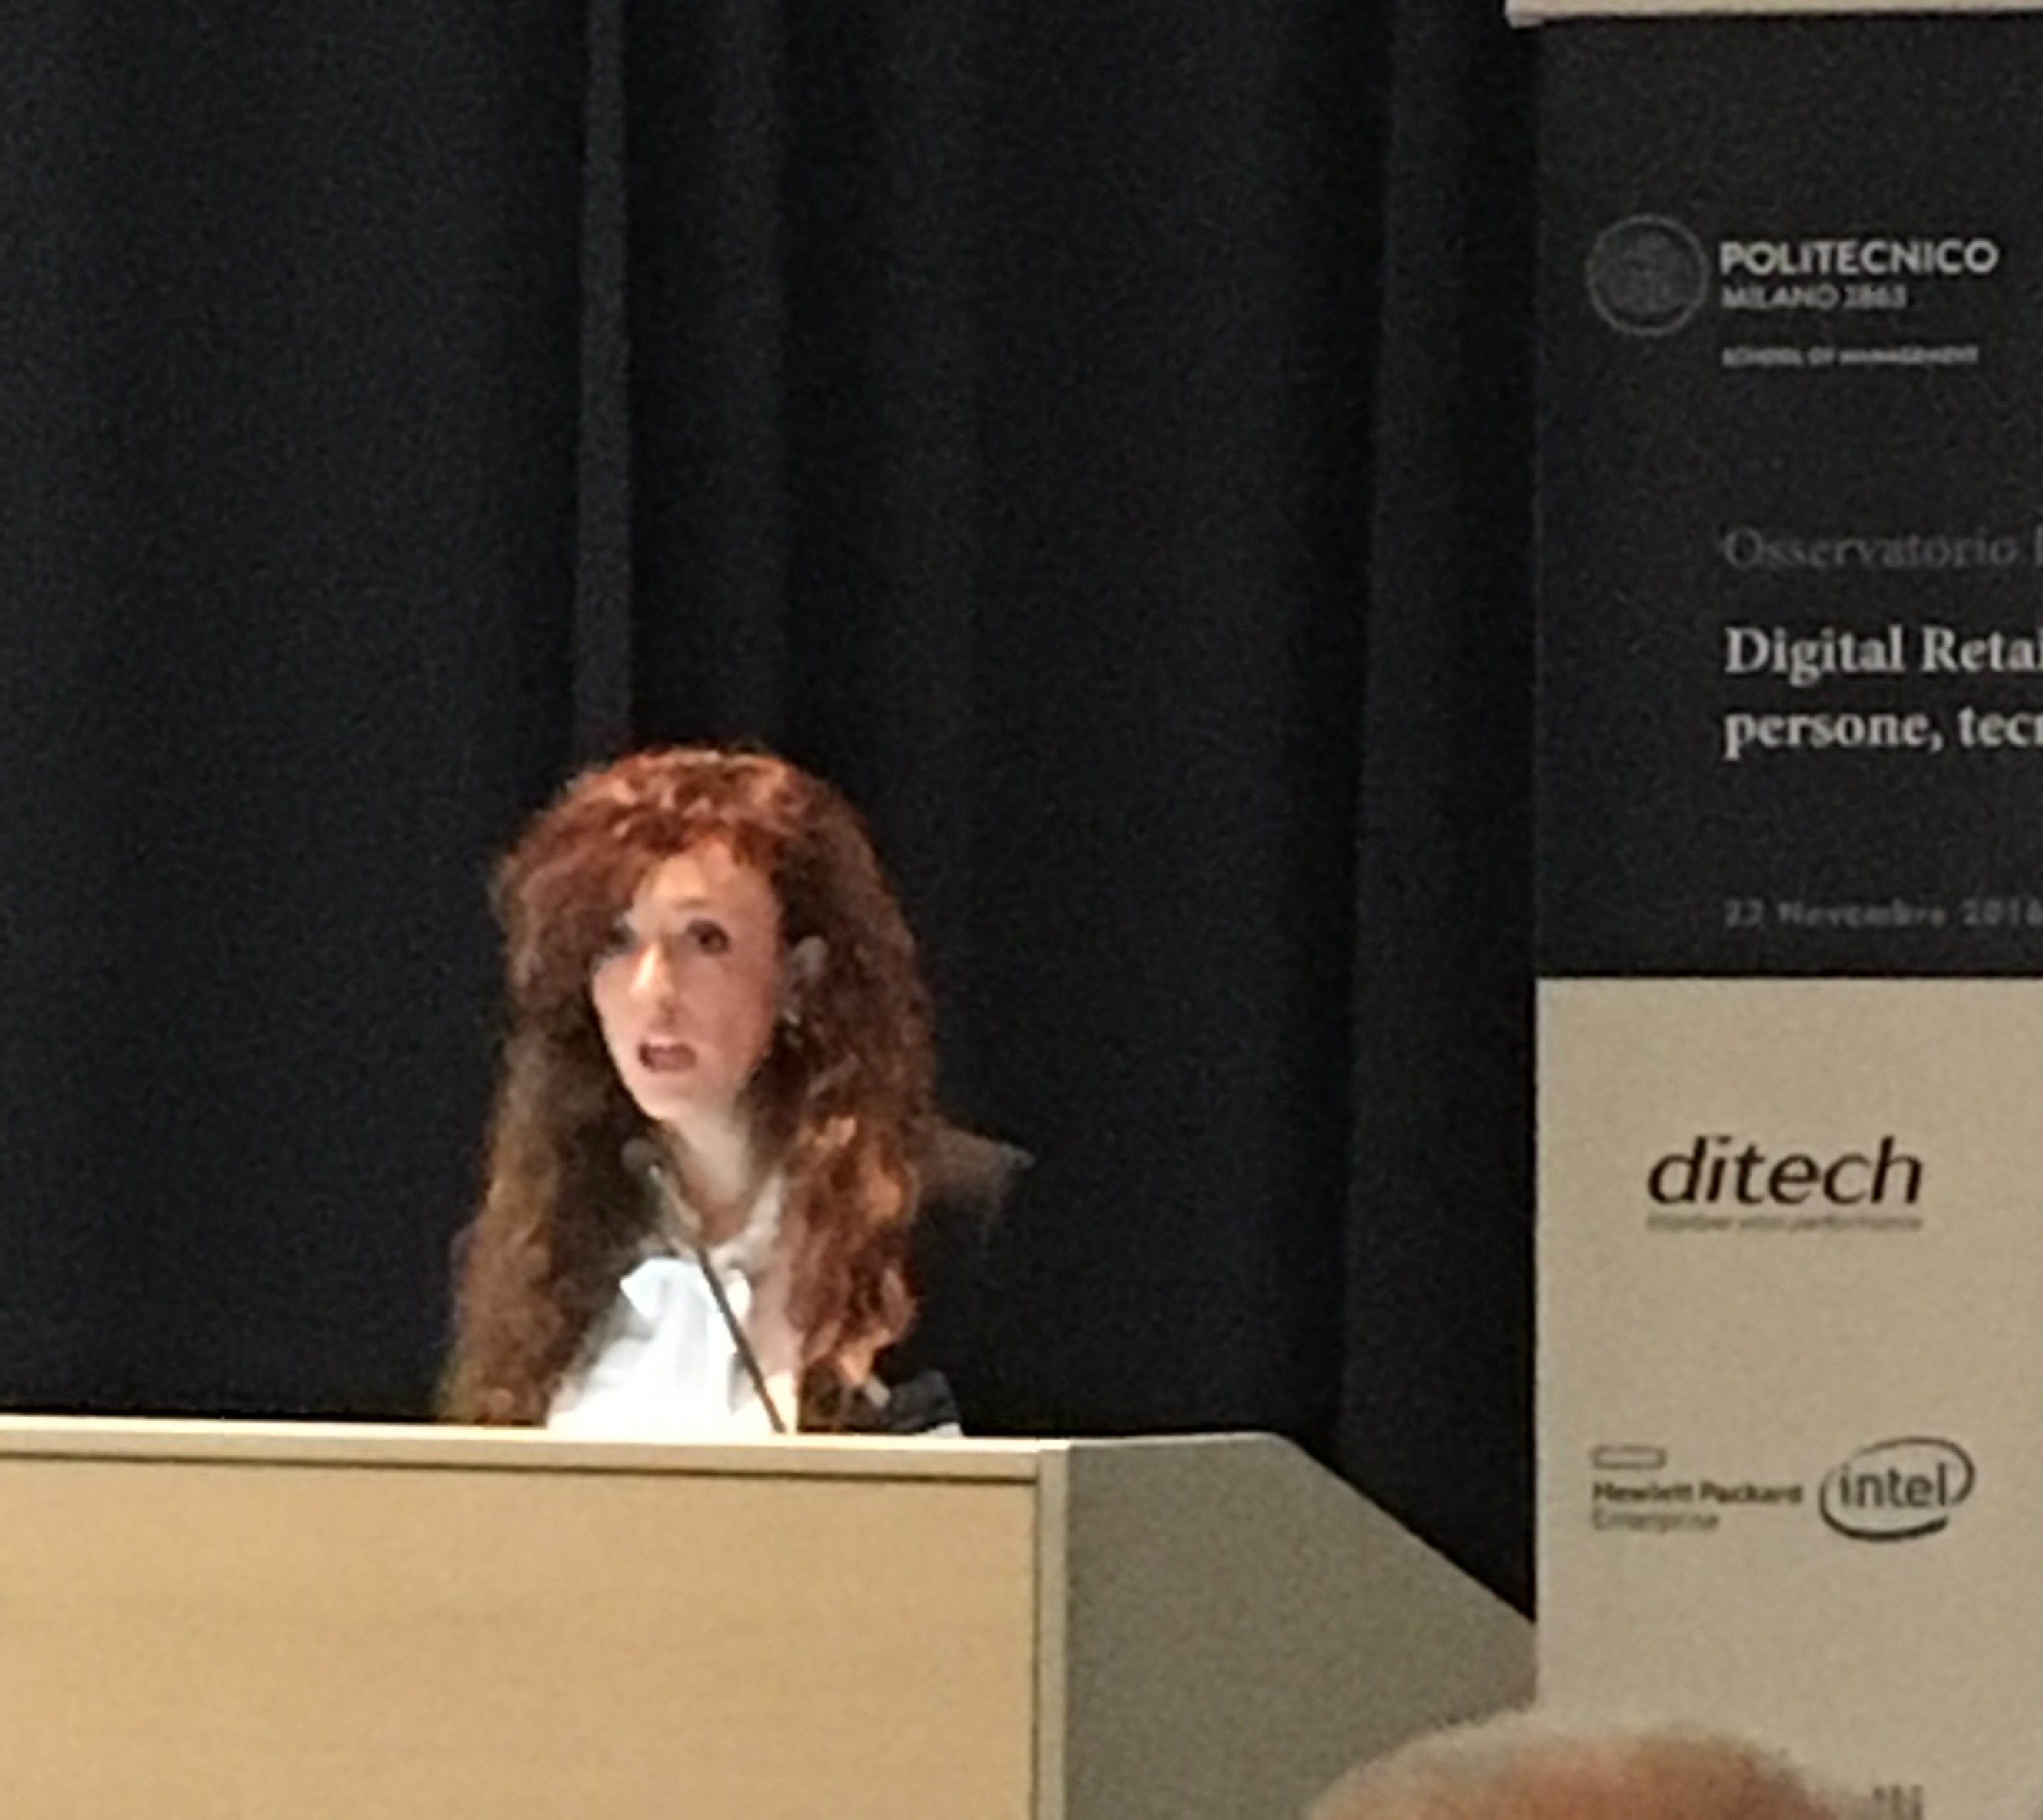 Valentina Pontiggia, Direttore dell'Osservatorio Innovazione Digitale nel Retail del Politecnico di Milano